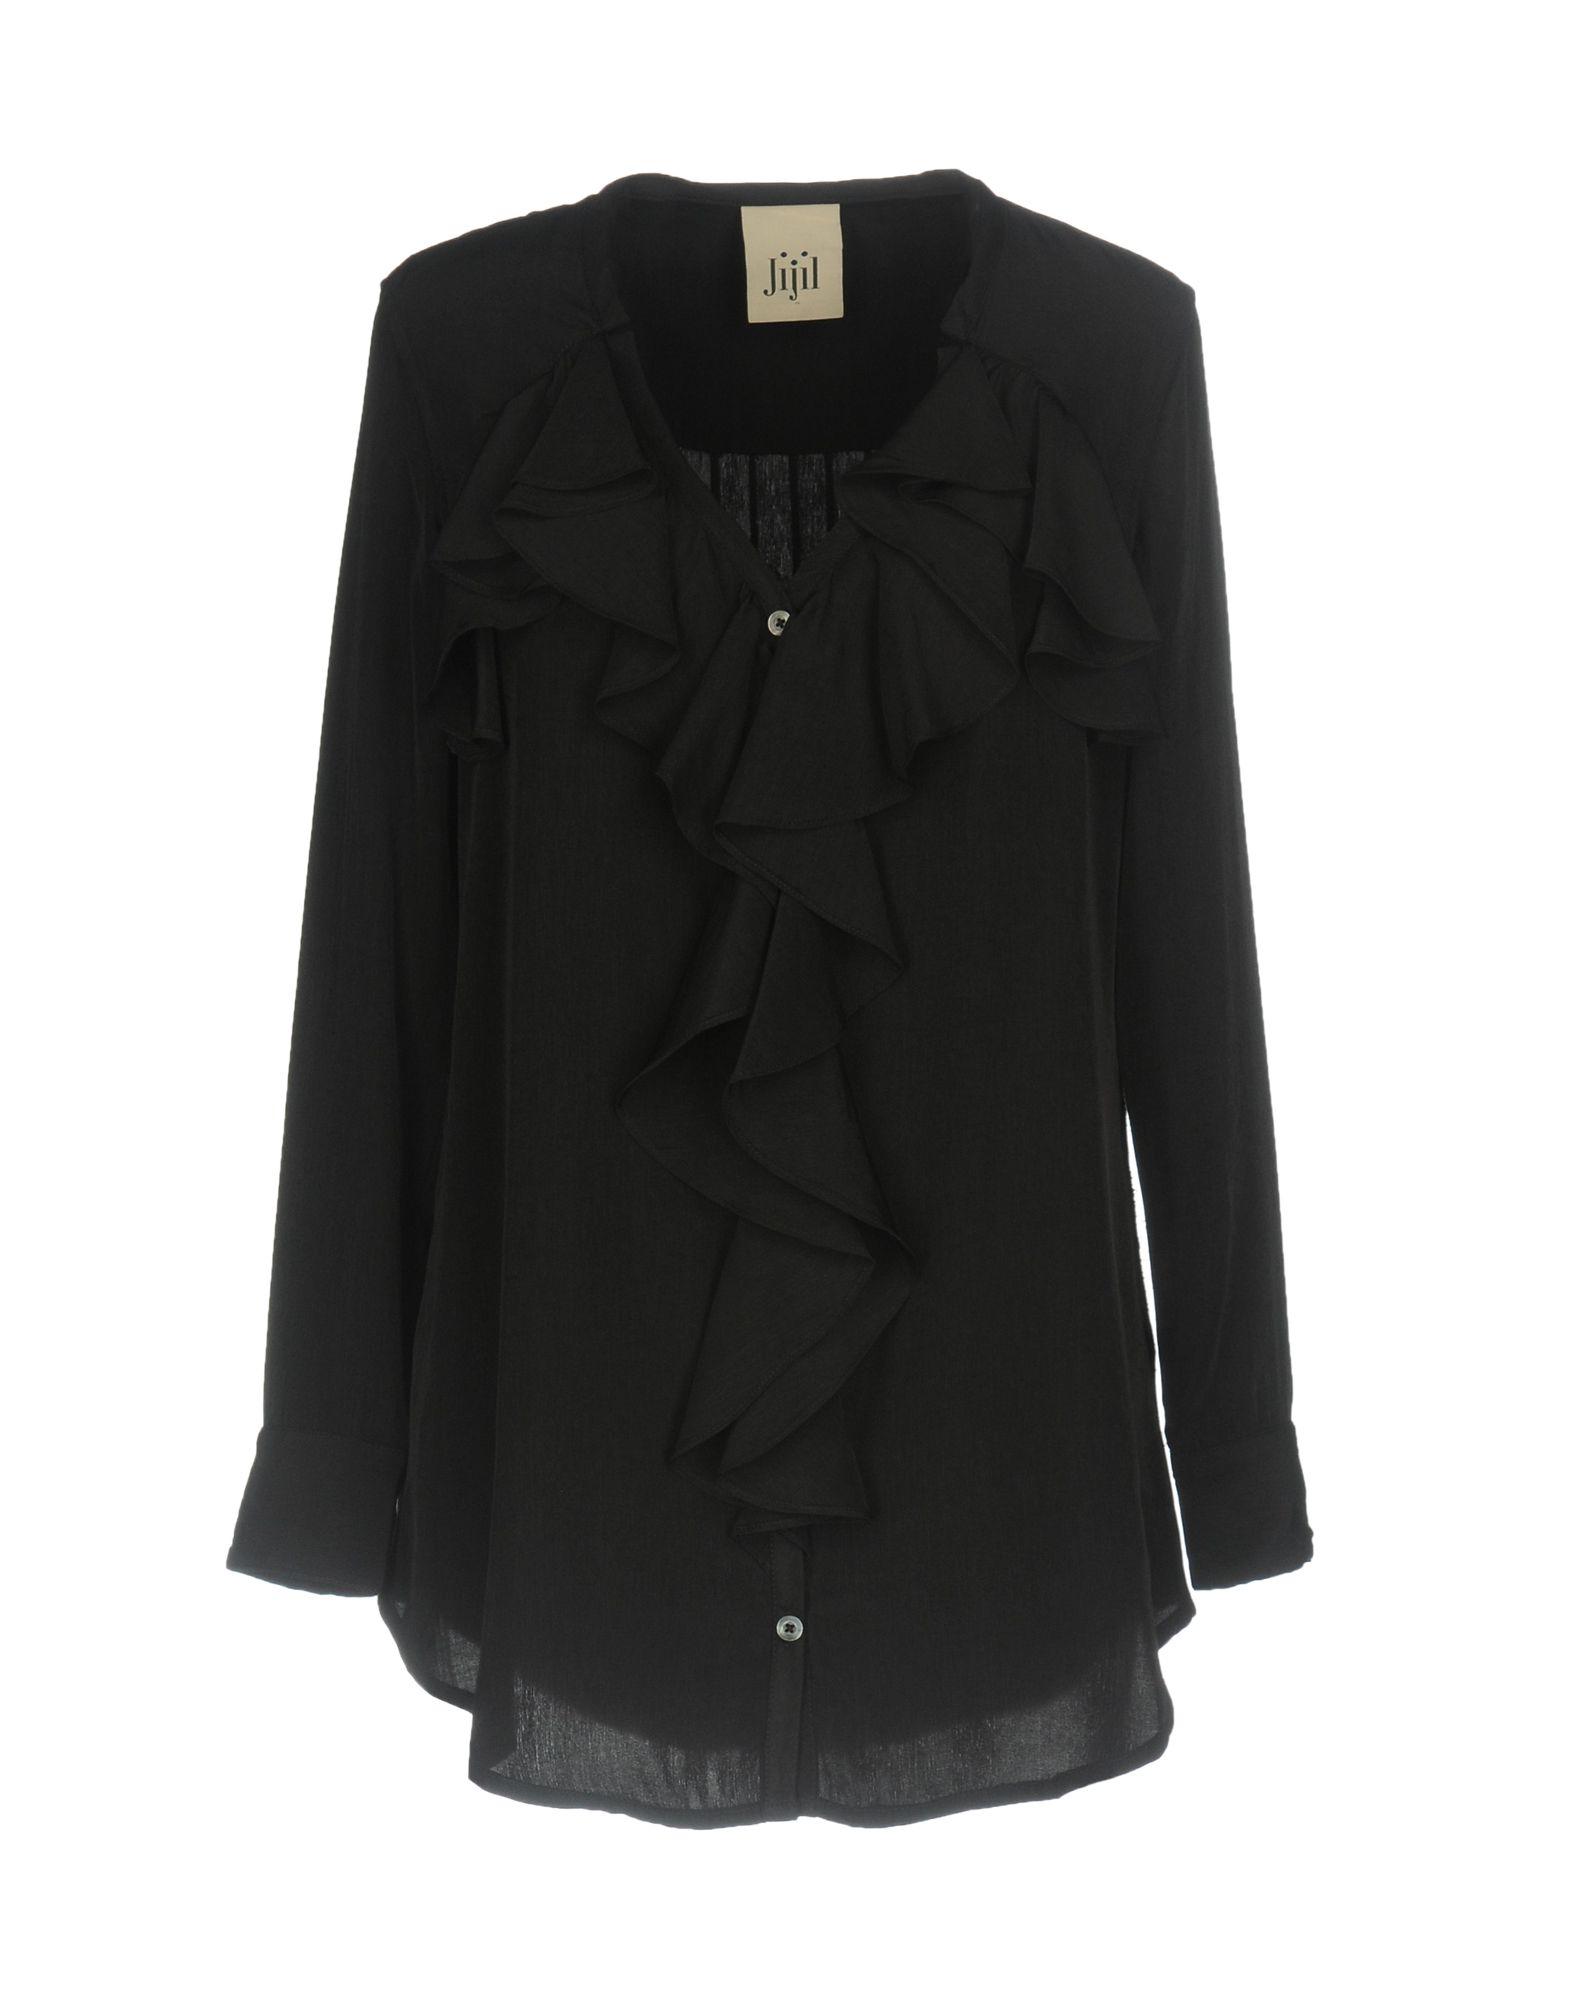 JIJIL Damen Hemd Farbe Schwarz Größe 6 - broschei